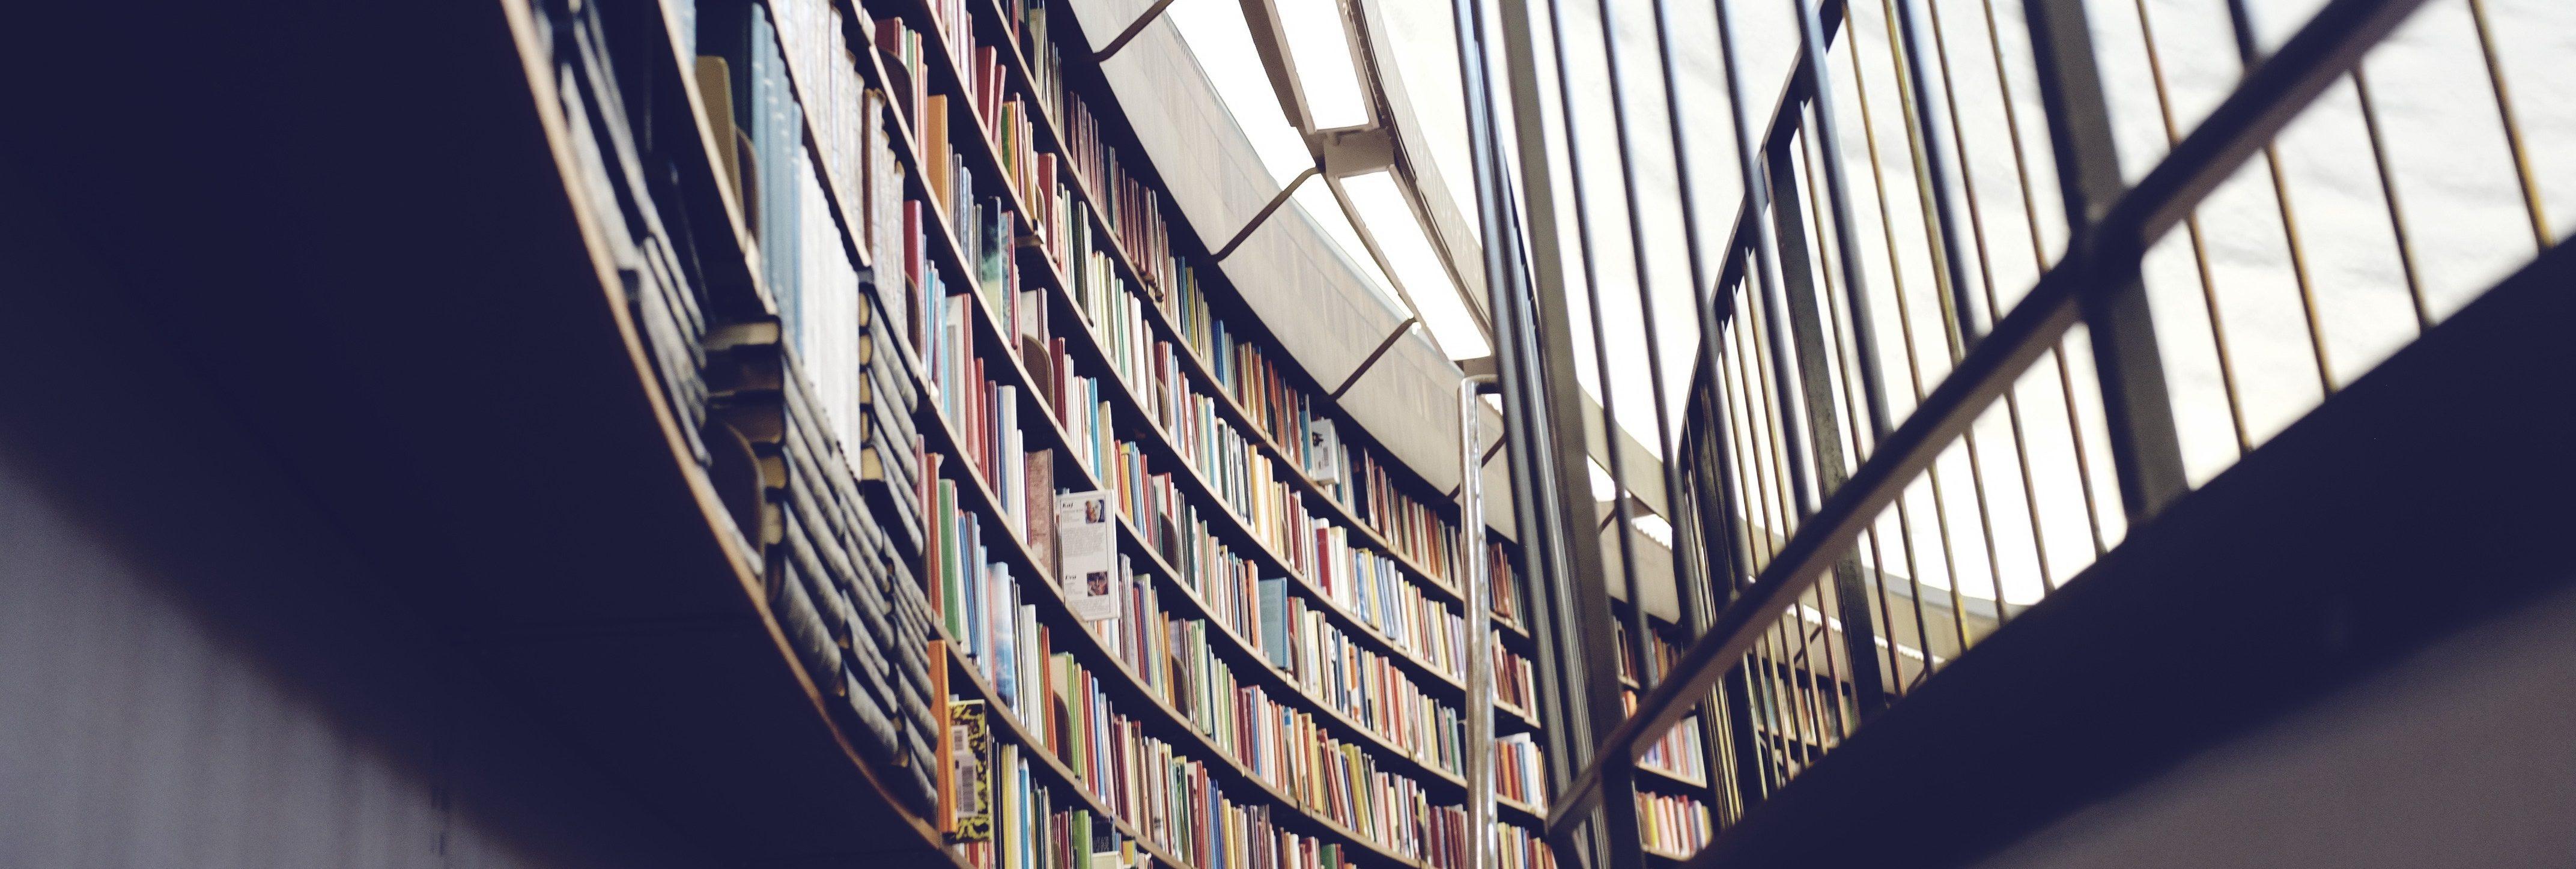 Bedrijfsbibliotheek